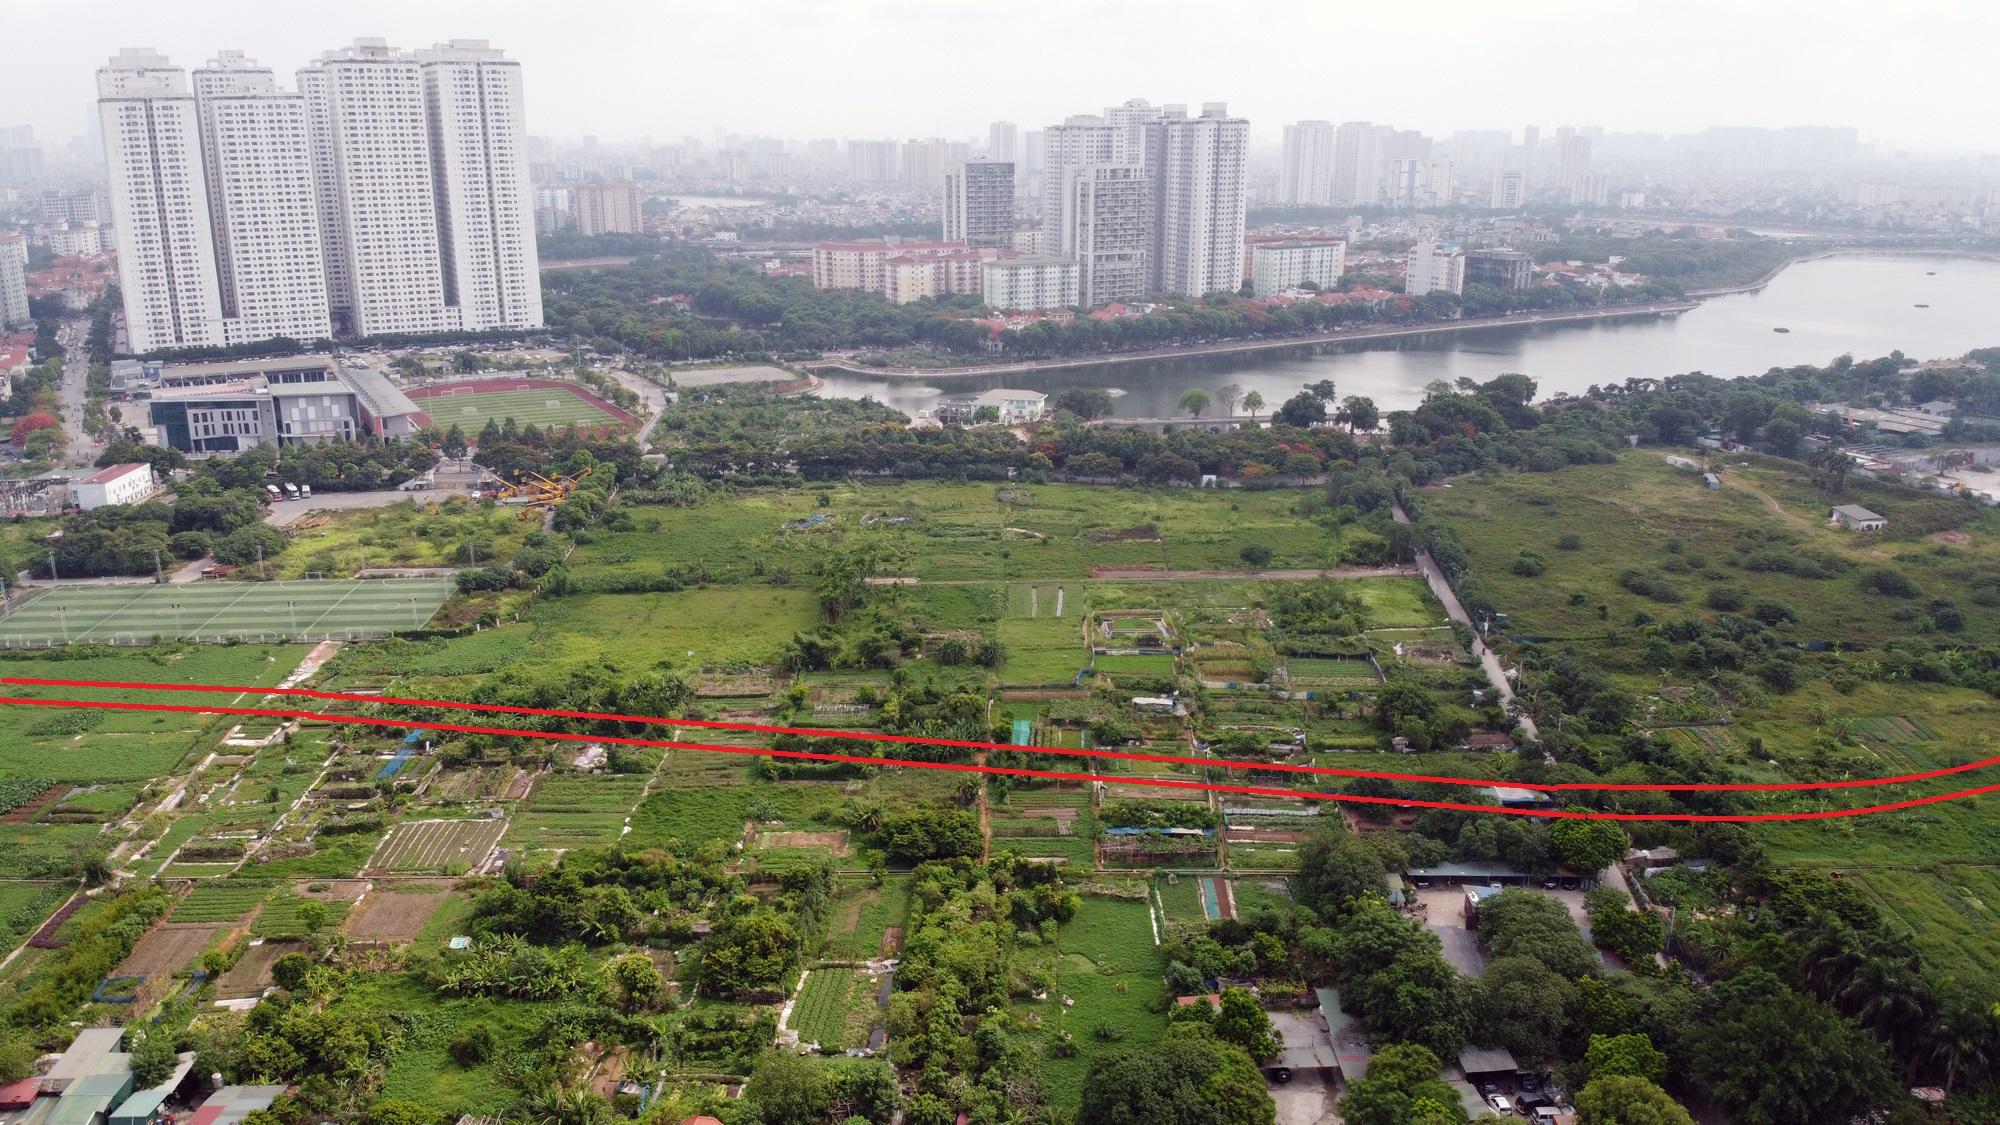 Ba đường sẽ mở theo qui hoạch ở phường Hoàng Liệt, Hoàng Mai, Hà Nội - Ảnh 8.